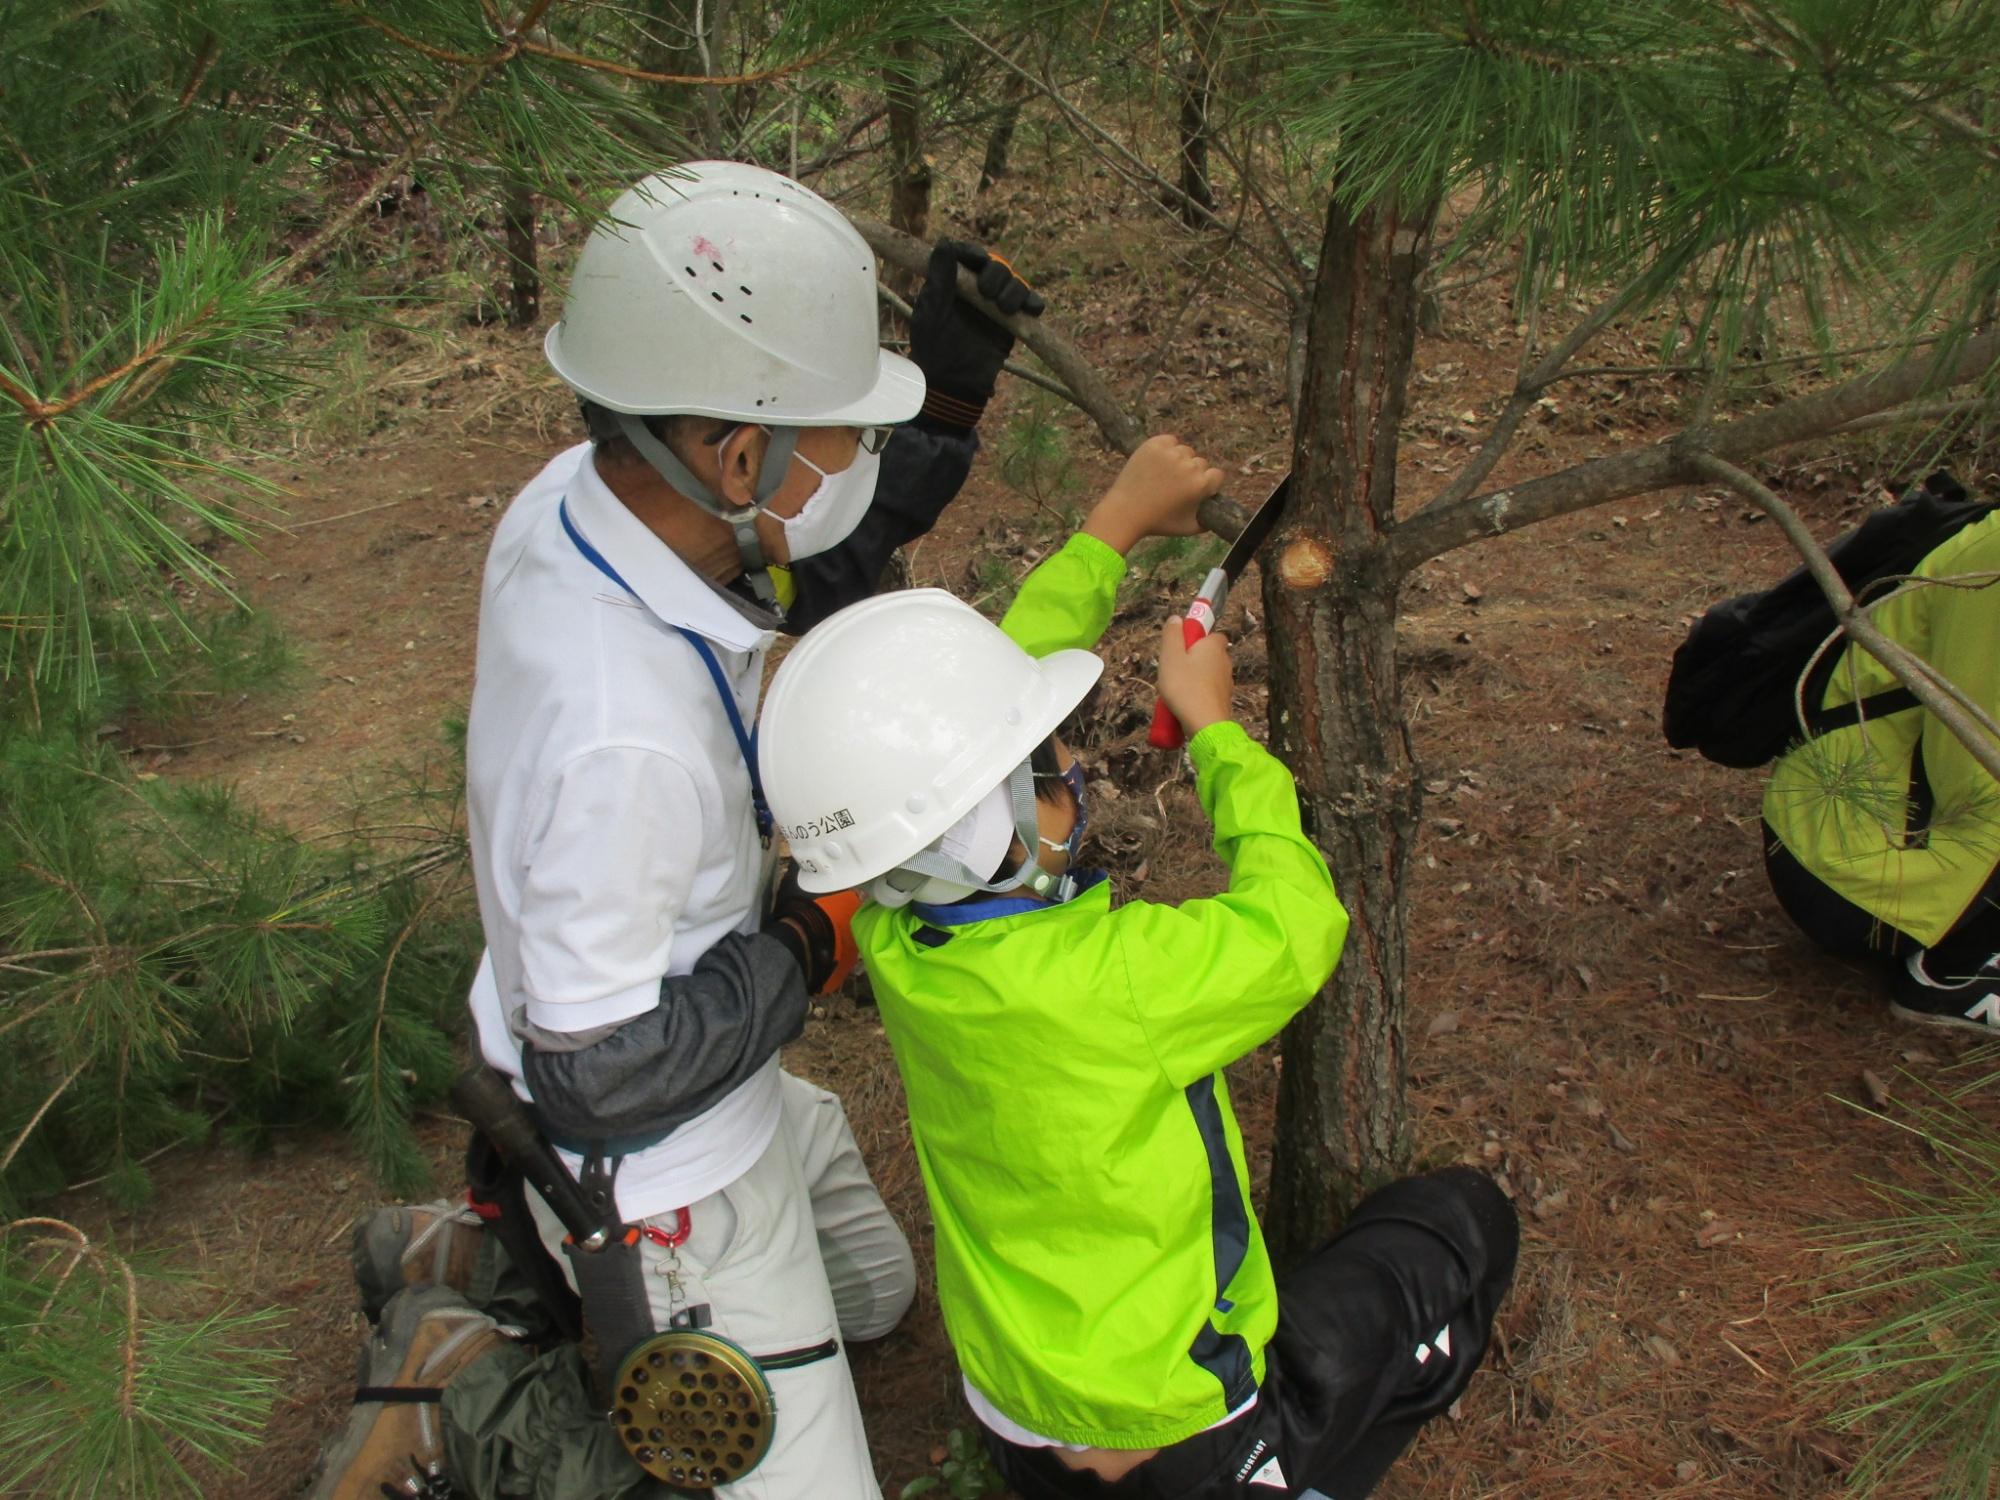 それゆけ!きこり探検隊「秋の森の観察とアカマツの枝打ち体験」